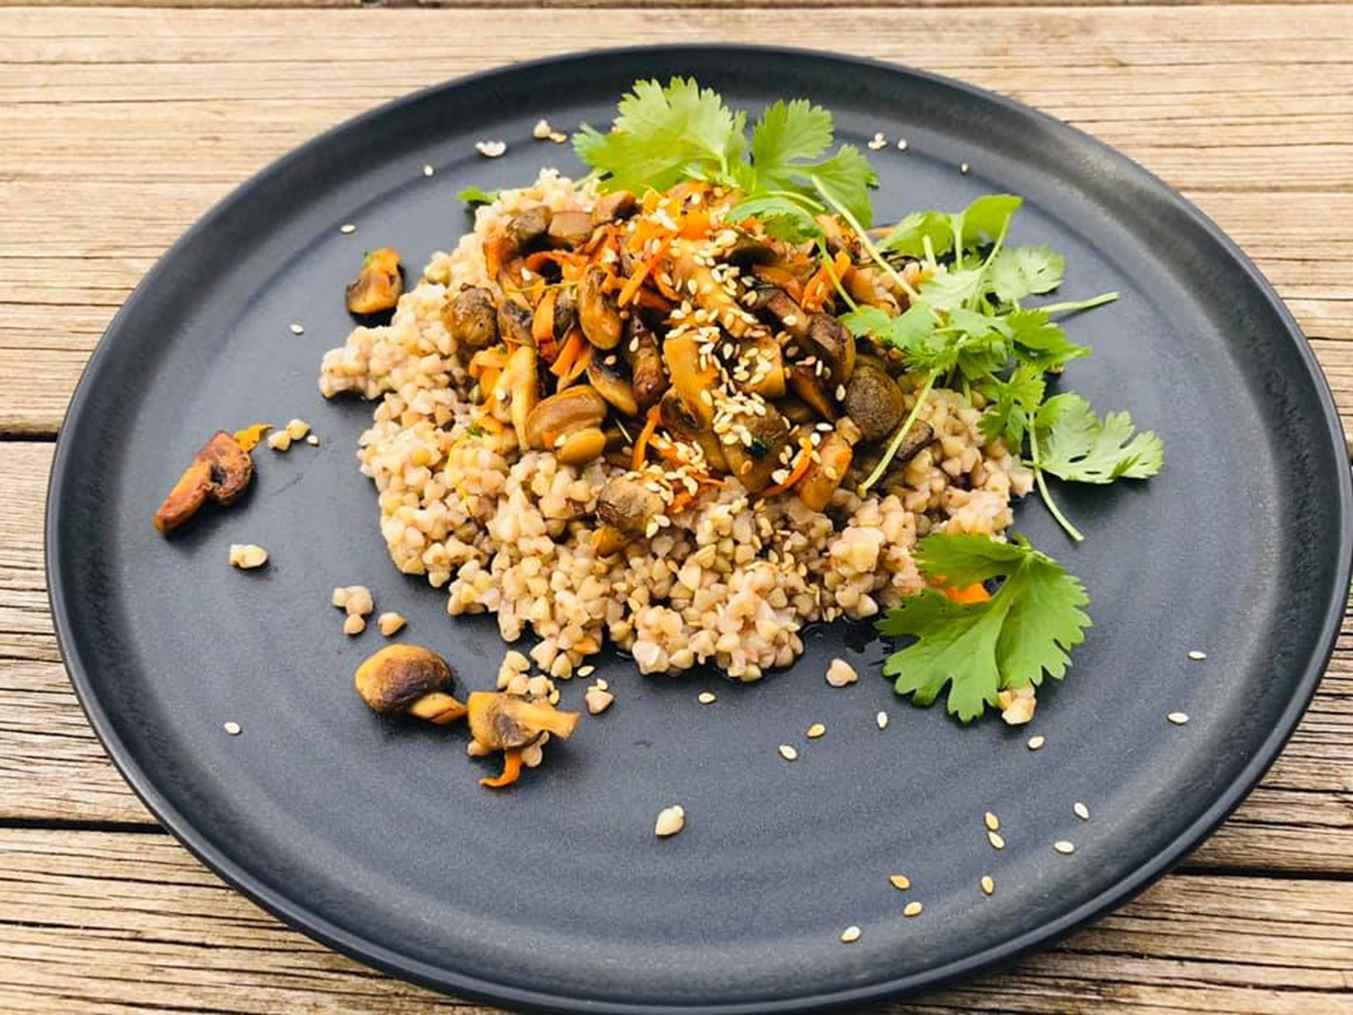 Nekepinti grikiai su pievagrybiais, morkomis, sezamo sėklomis ir kalendra